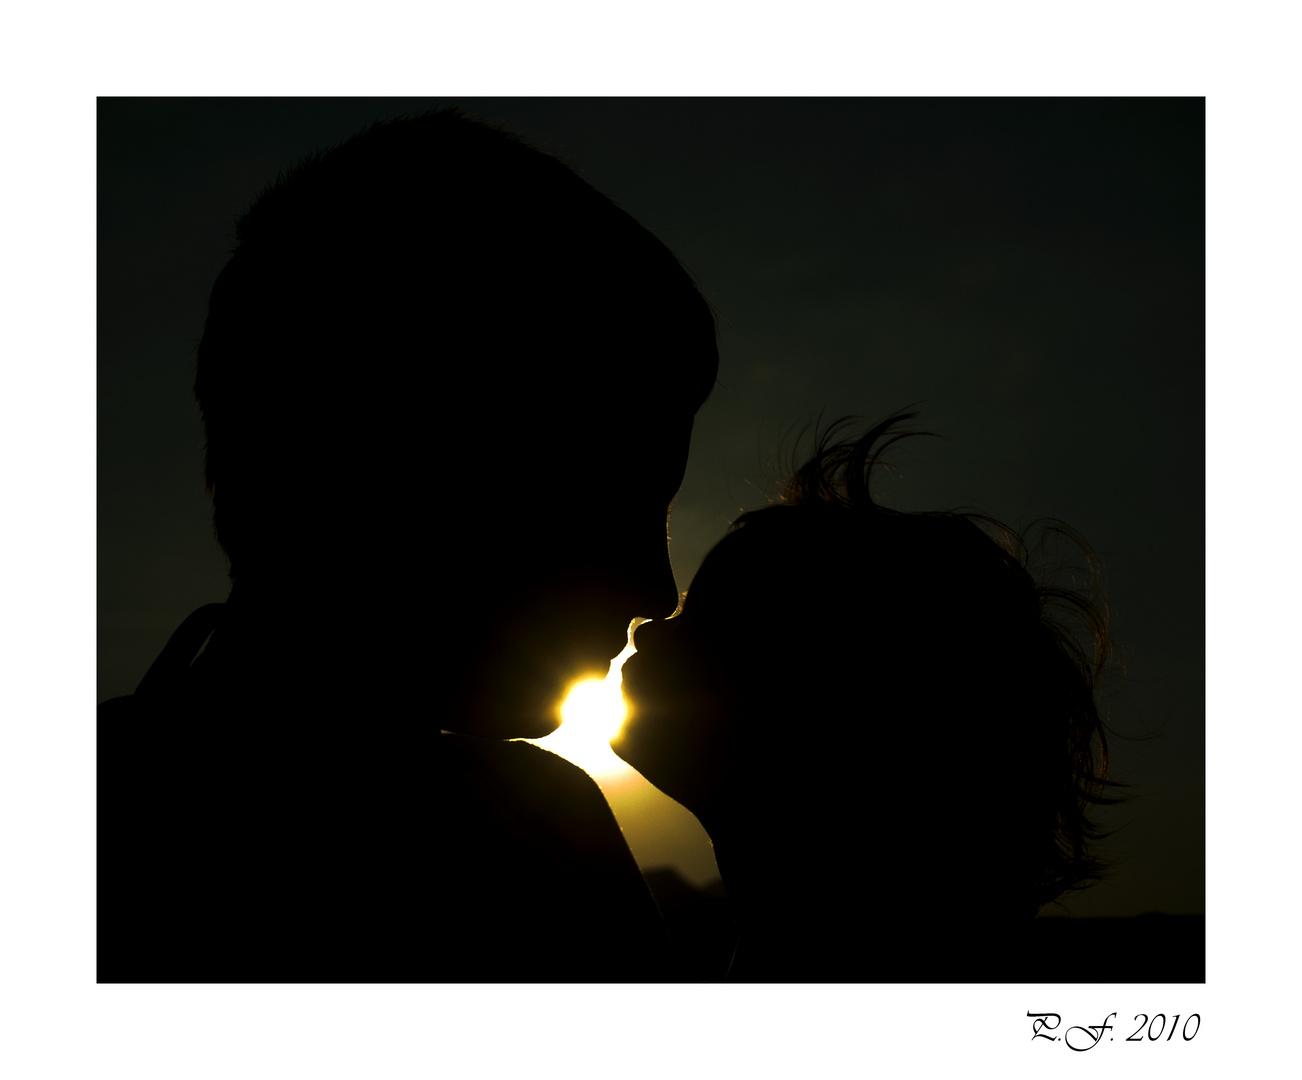 Un bacio al sole